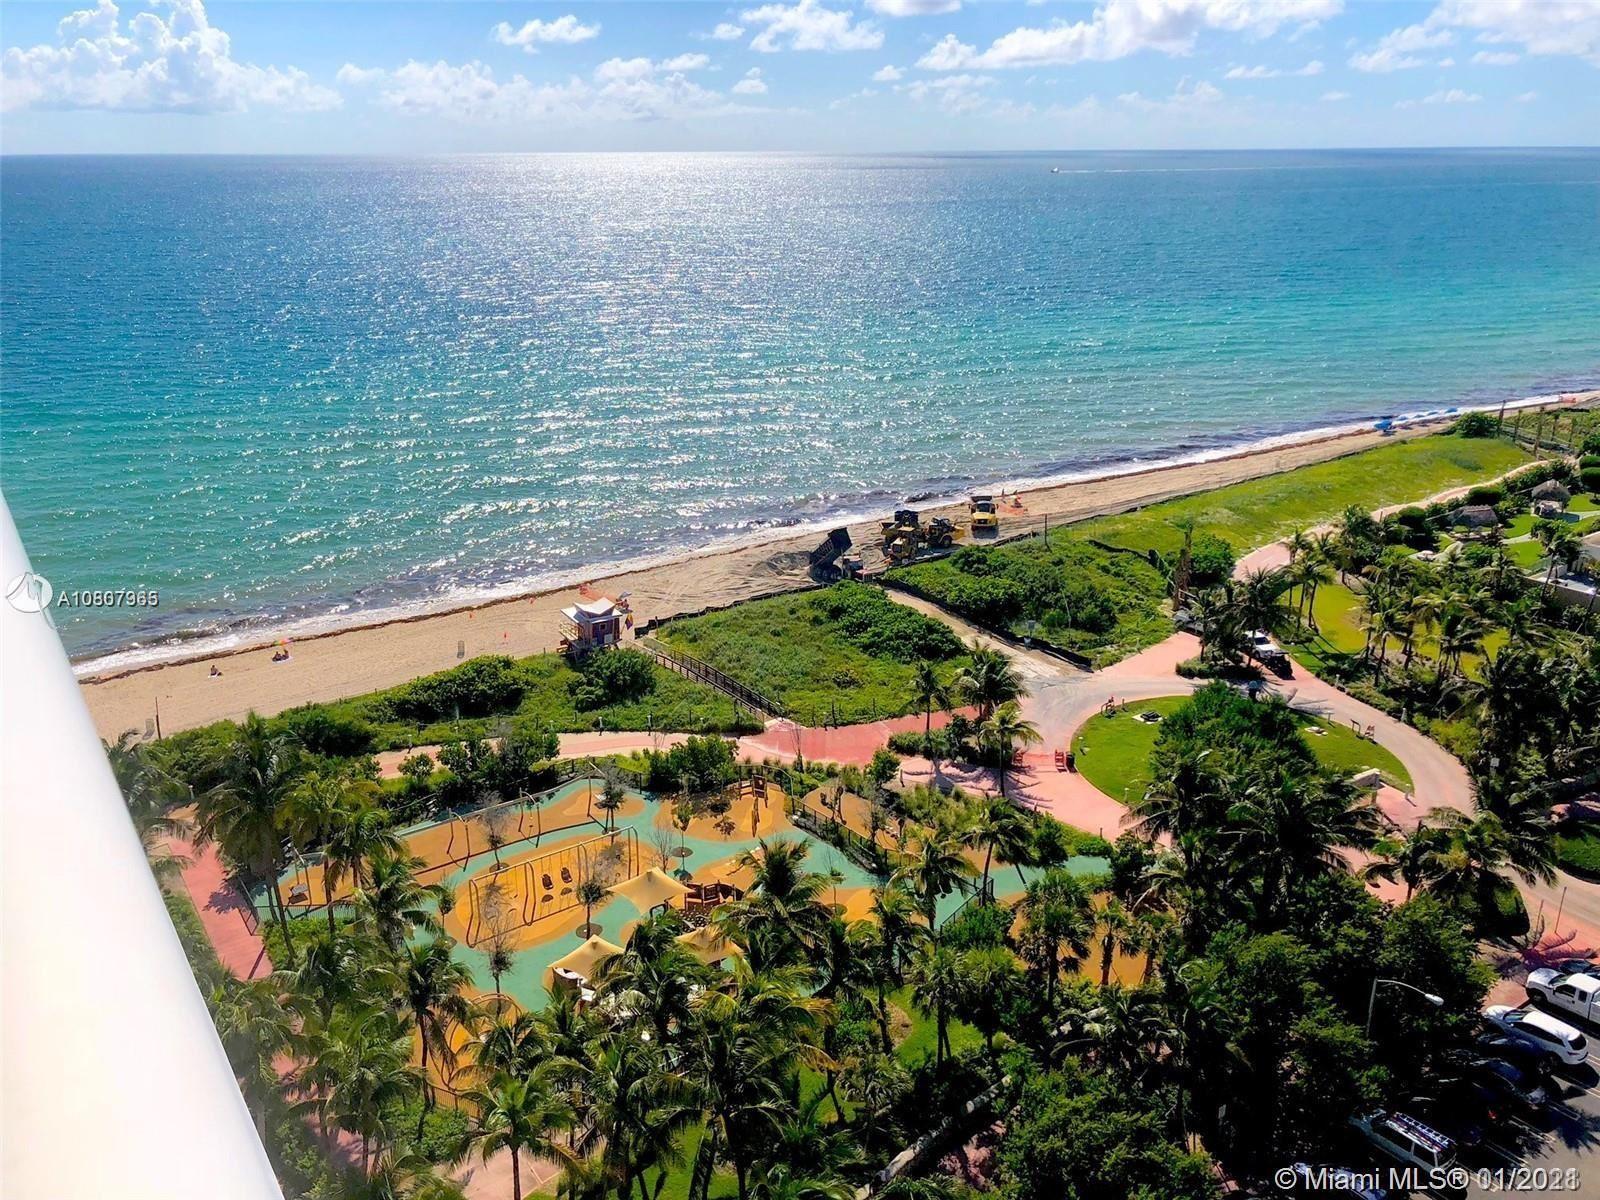 6515 Collins Ave #1608, Miami Beach, FL 33141 - #: A10807965